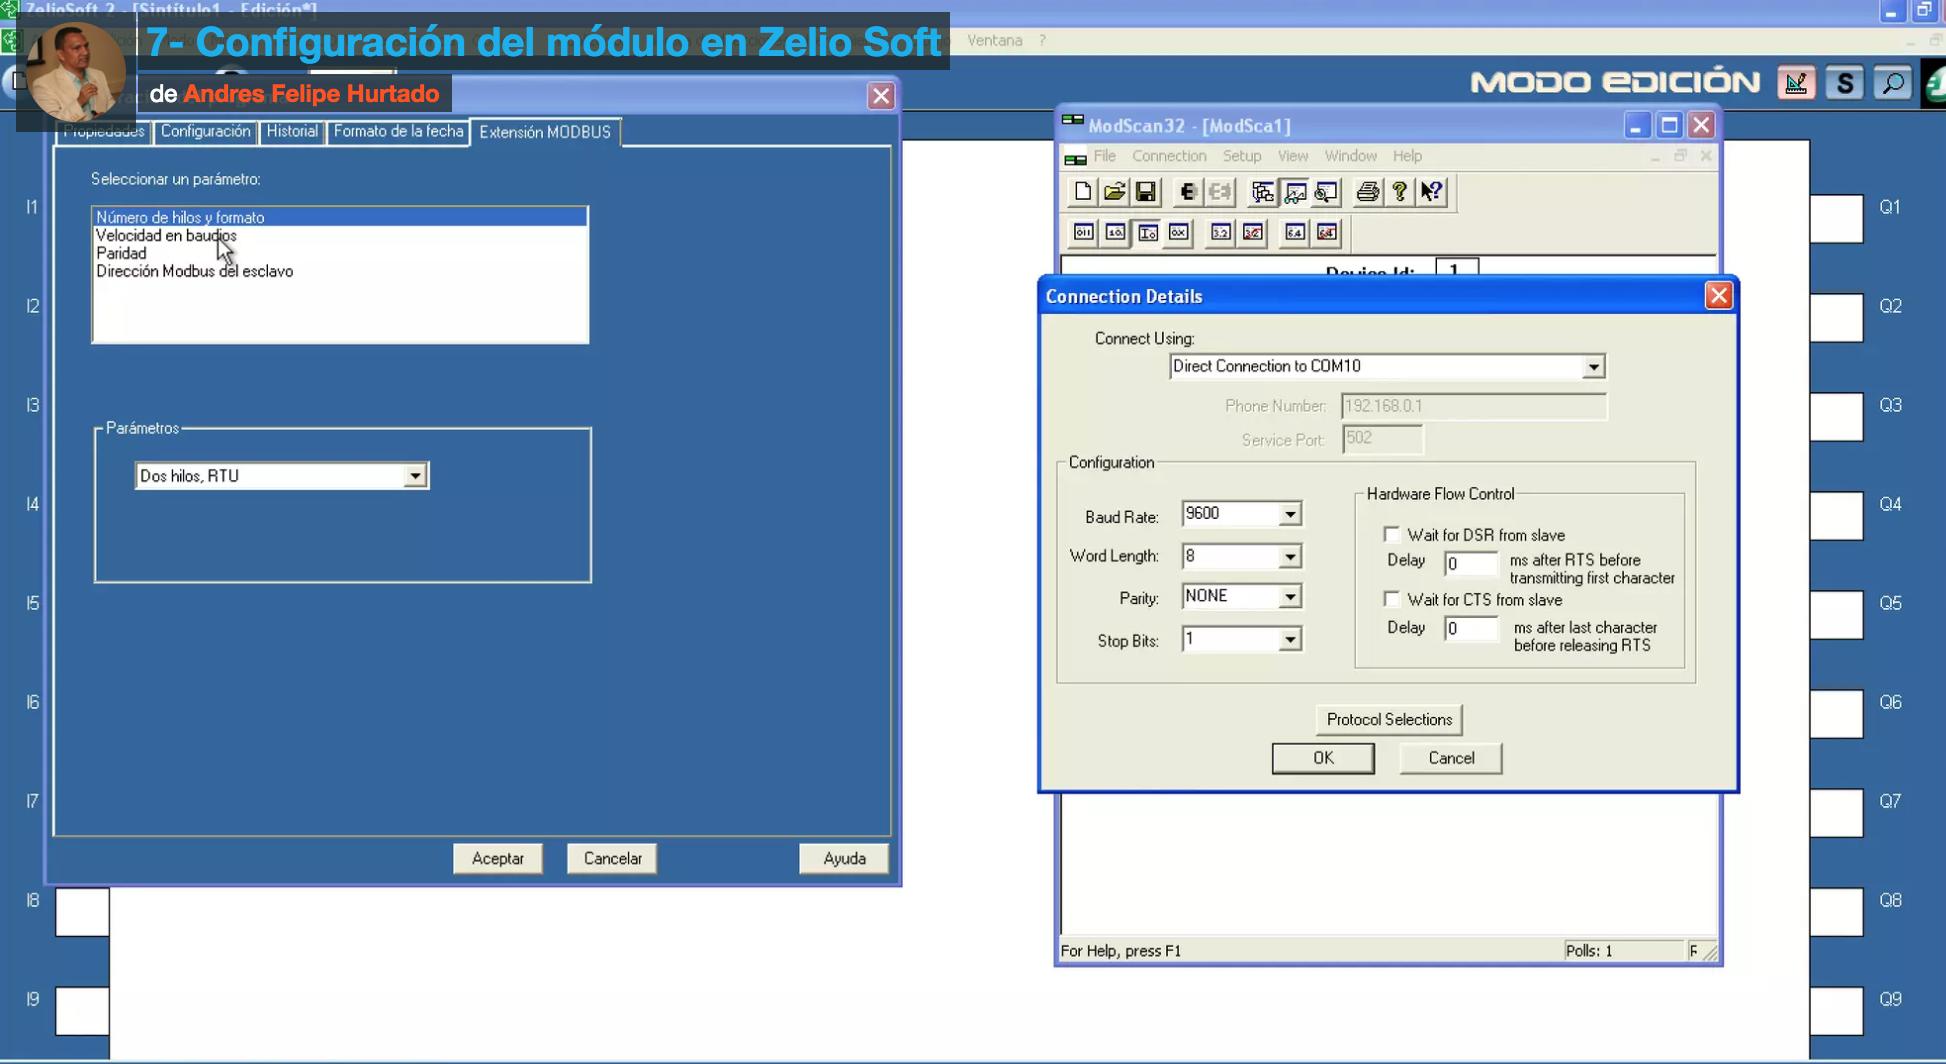 Curso de Modbus RTU en Zelio- Configuración del módulo